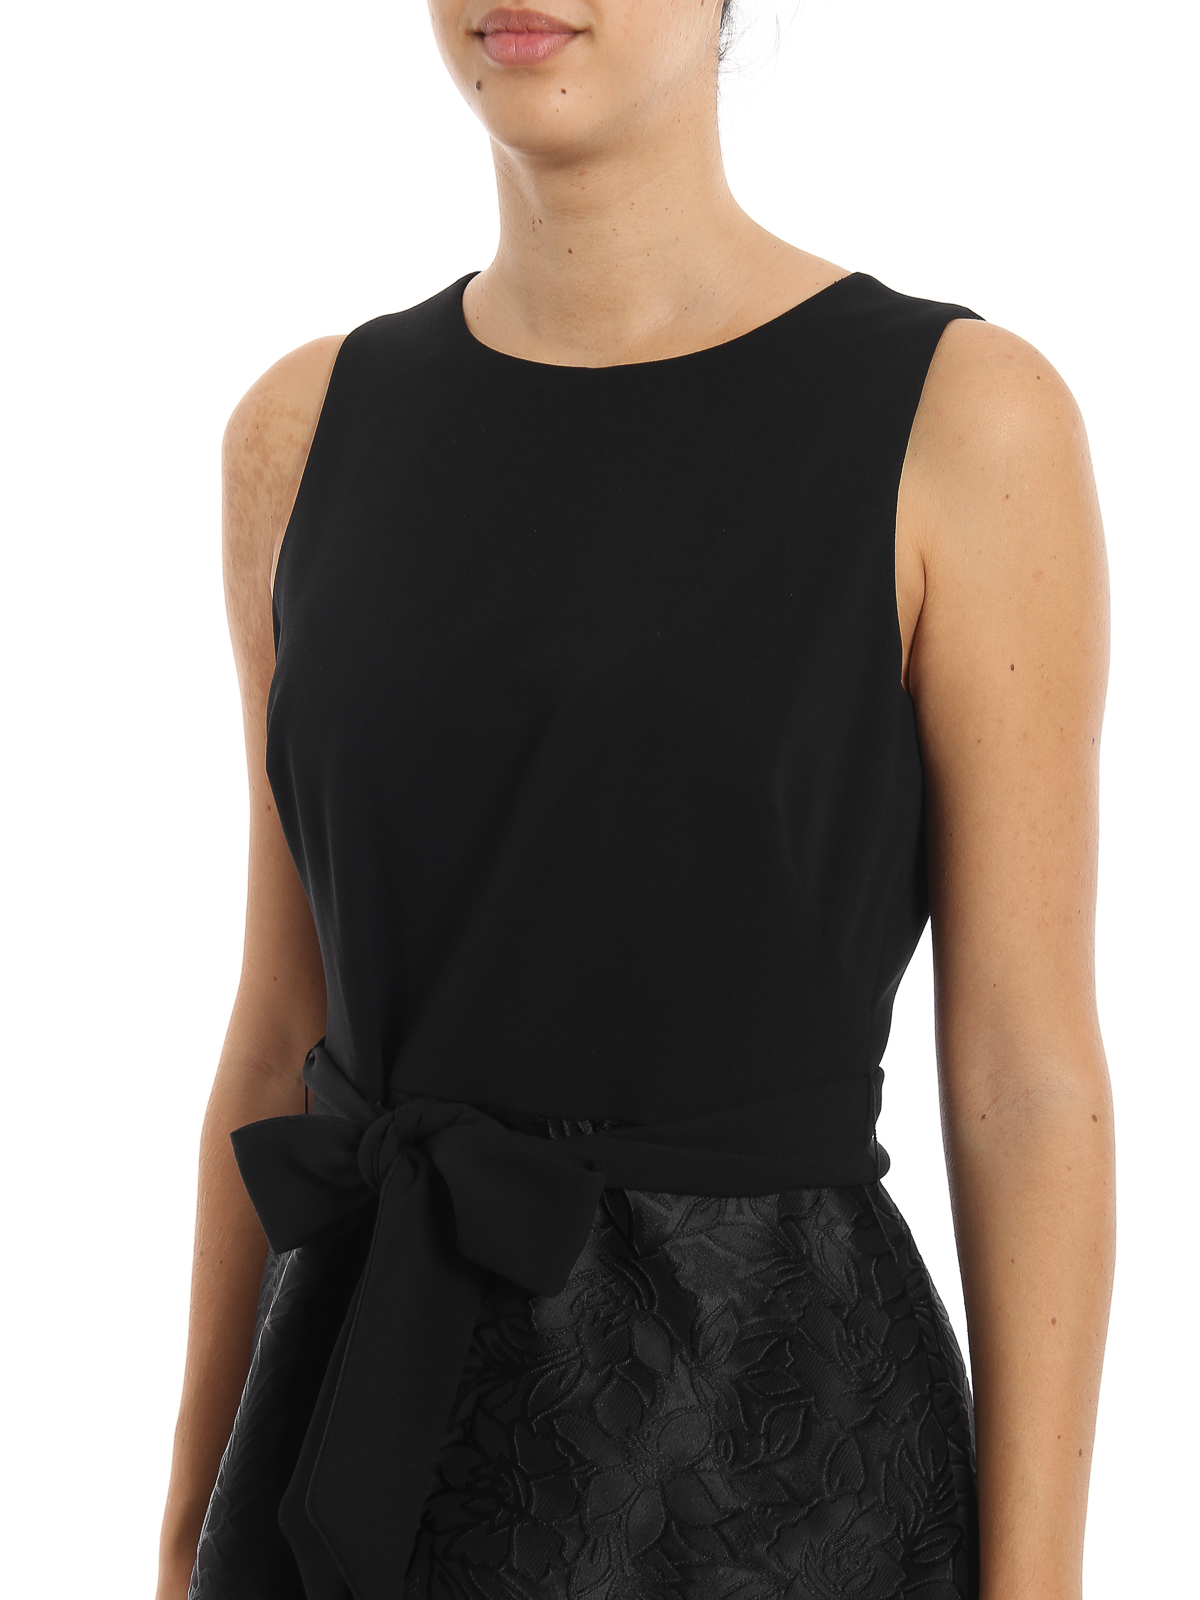 Belted black damask dress RALPH LAUREN | 11 | 253756526001BLACK